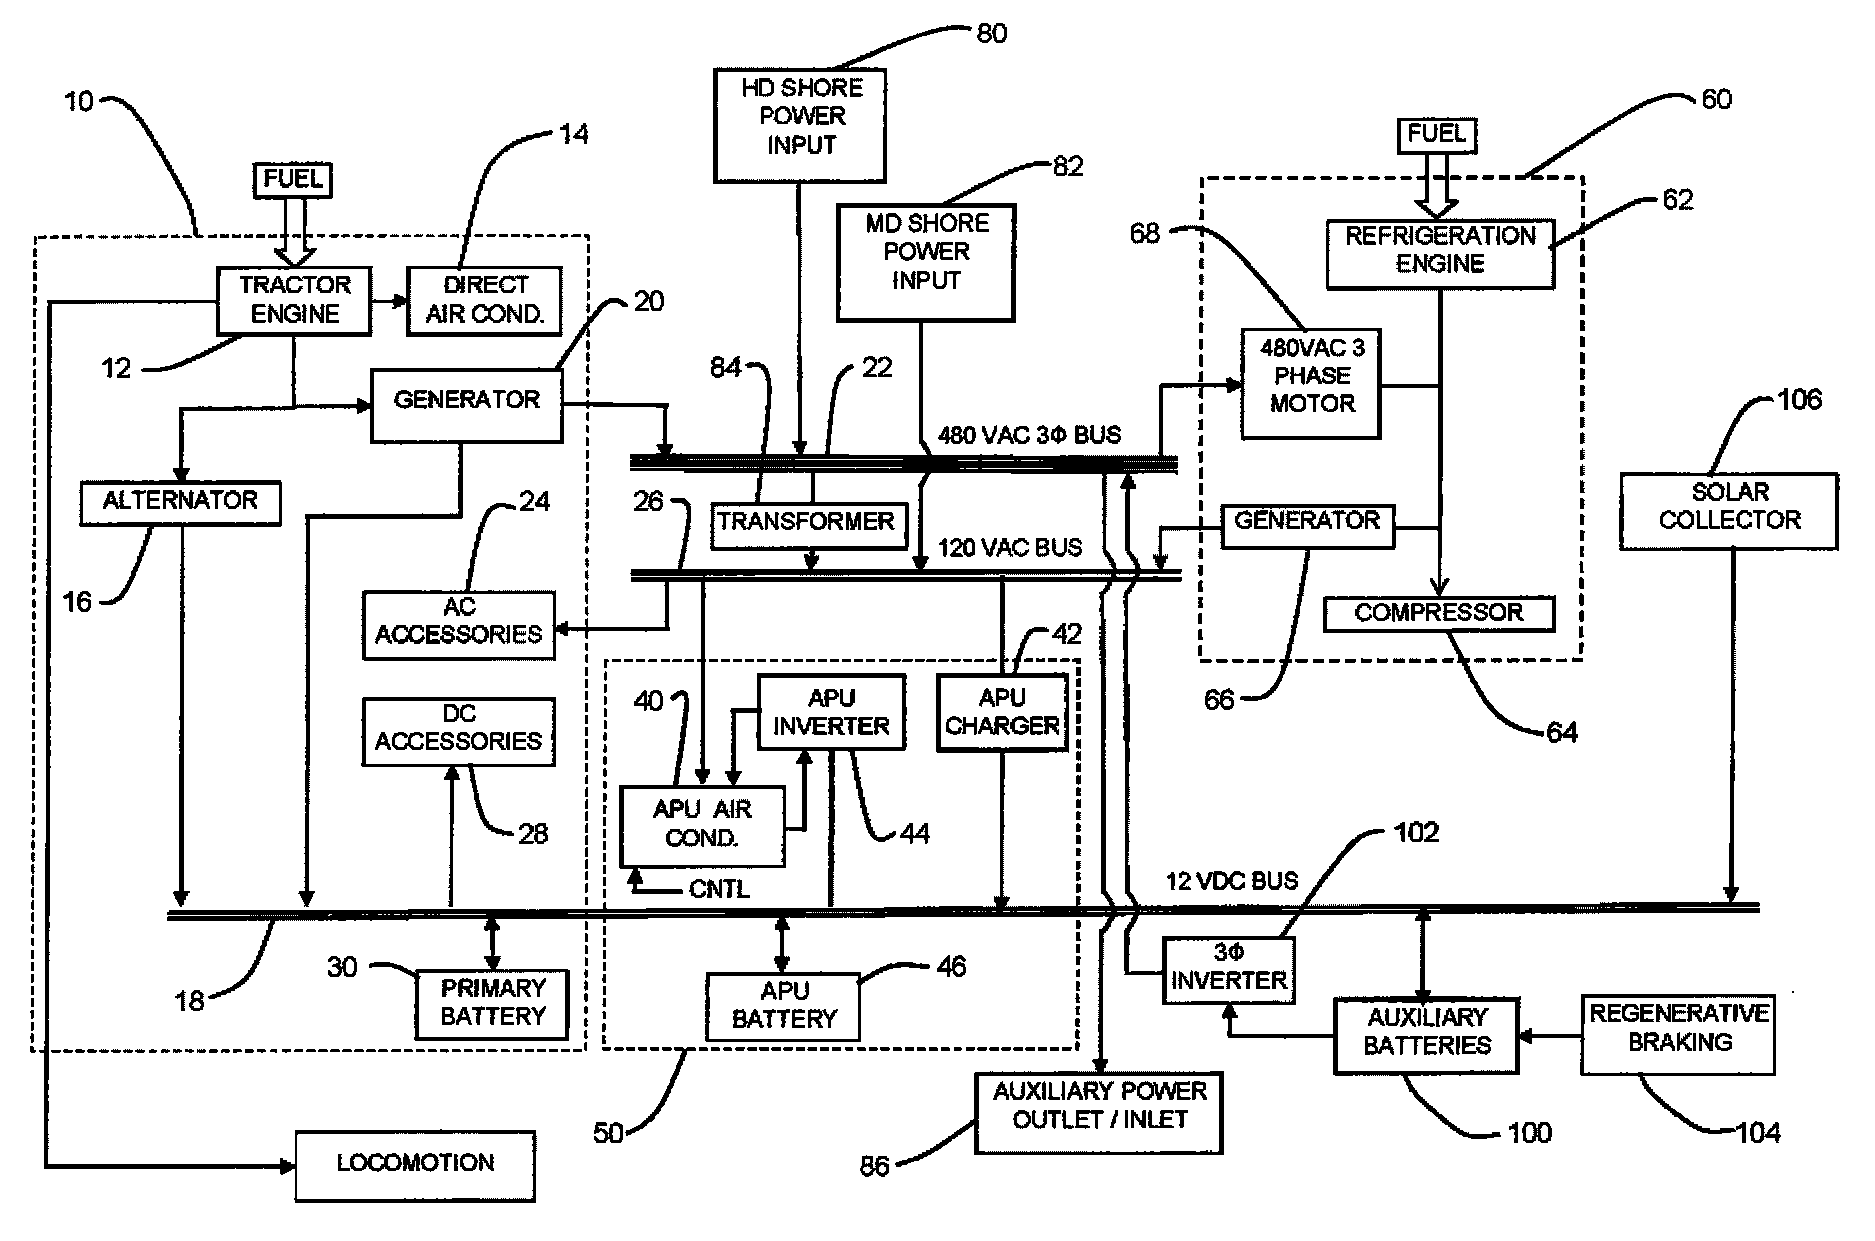 Refrigerated Truck Wiring Diagram Refrigerator Zer Amana Refrigerator Zer Schematic